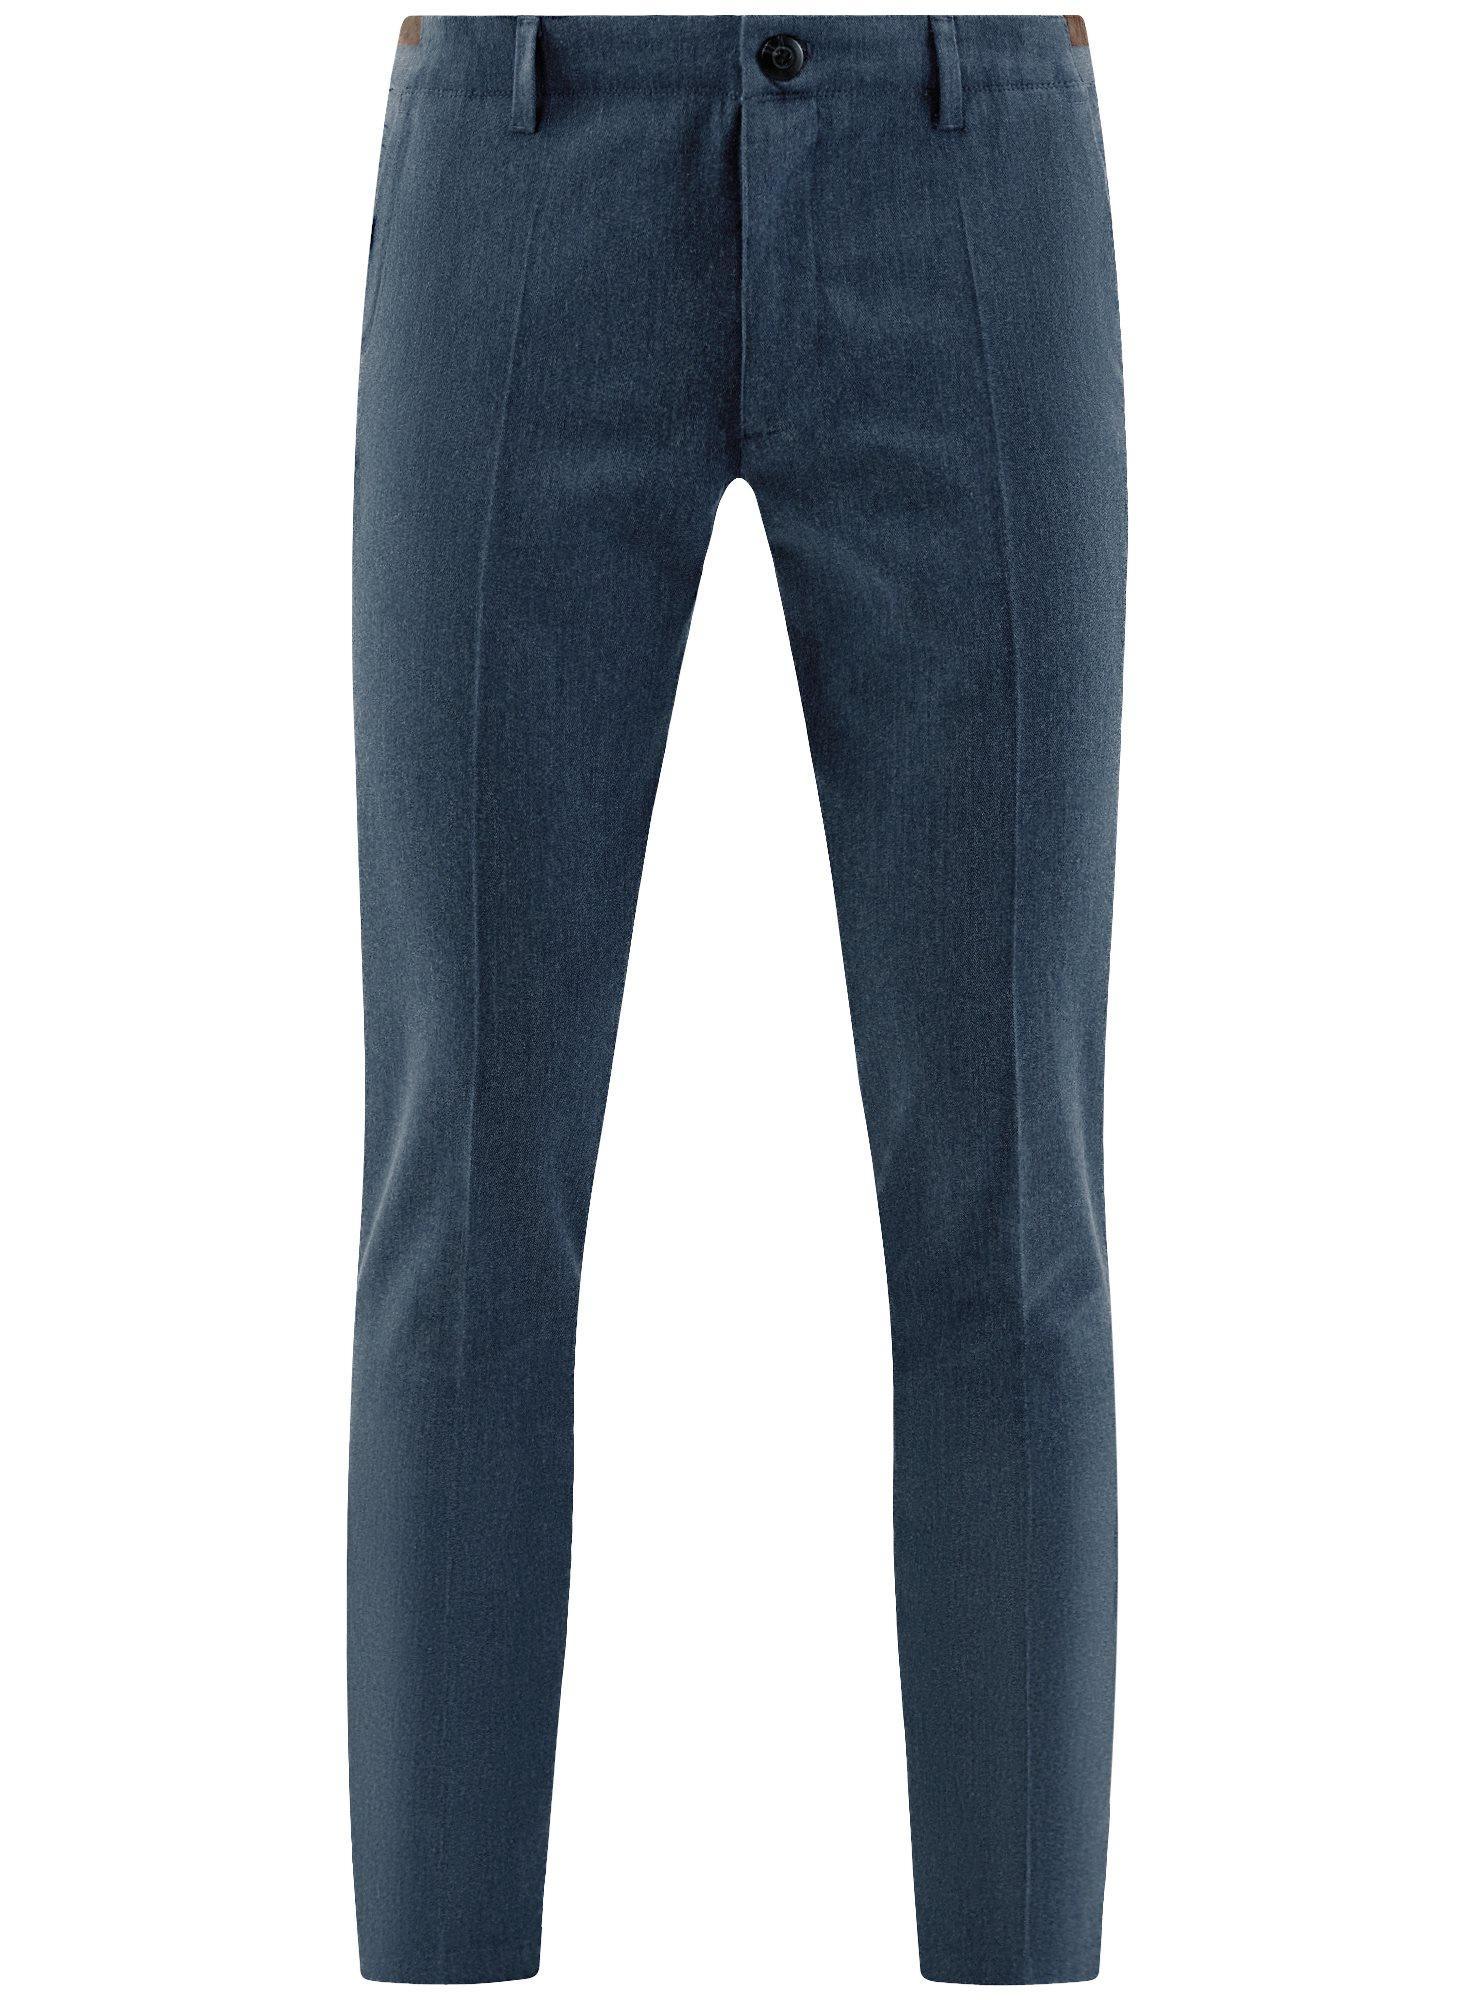 Брюки хлопковые slim fit oodji для мужчины (синий), 2L210173M/44324N/7900O